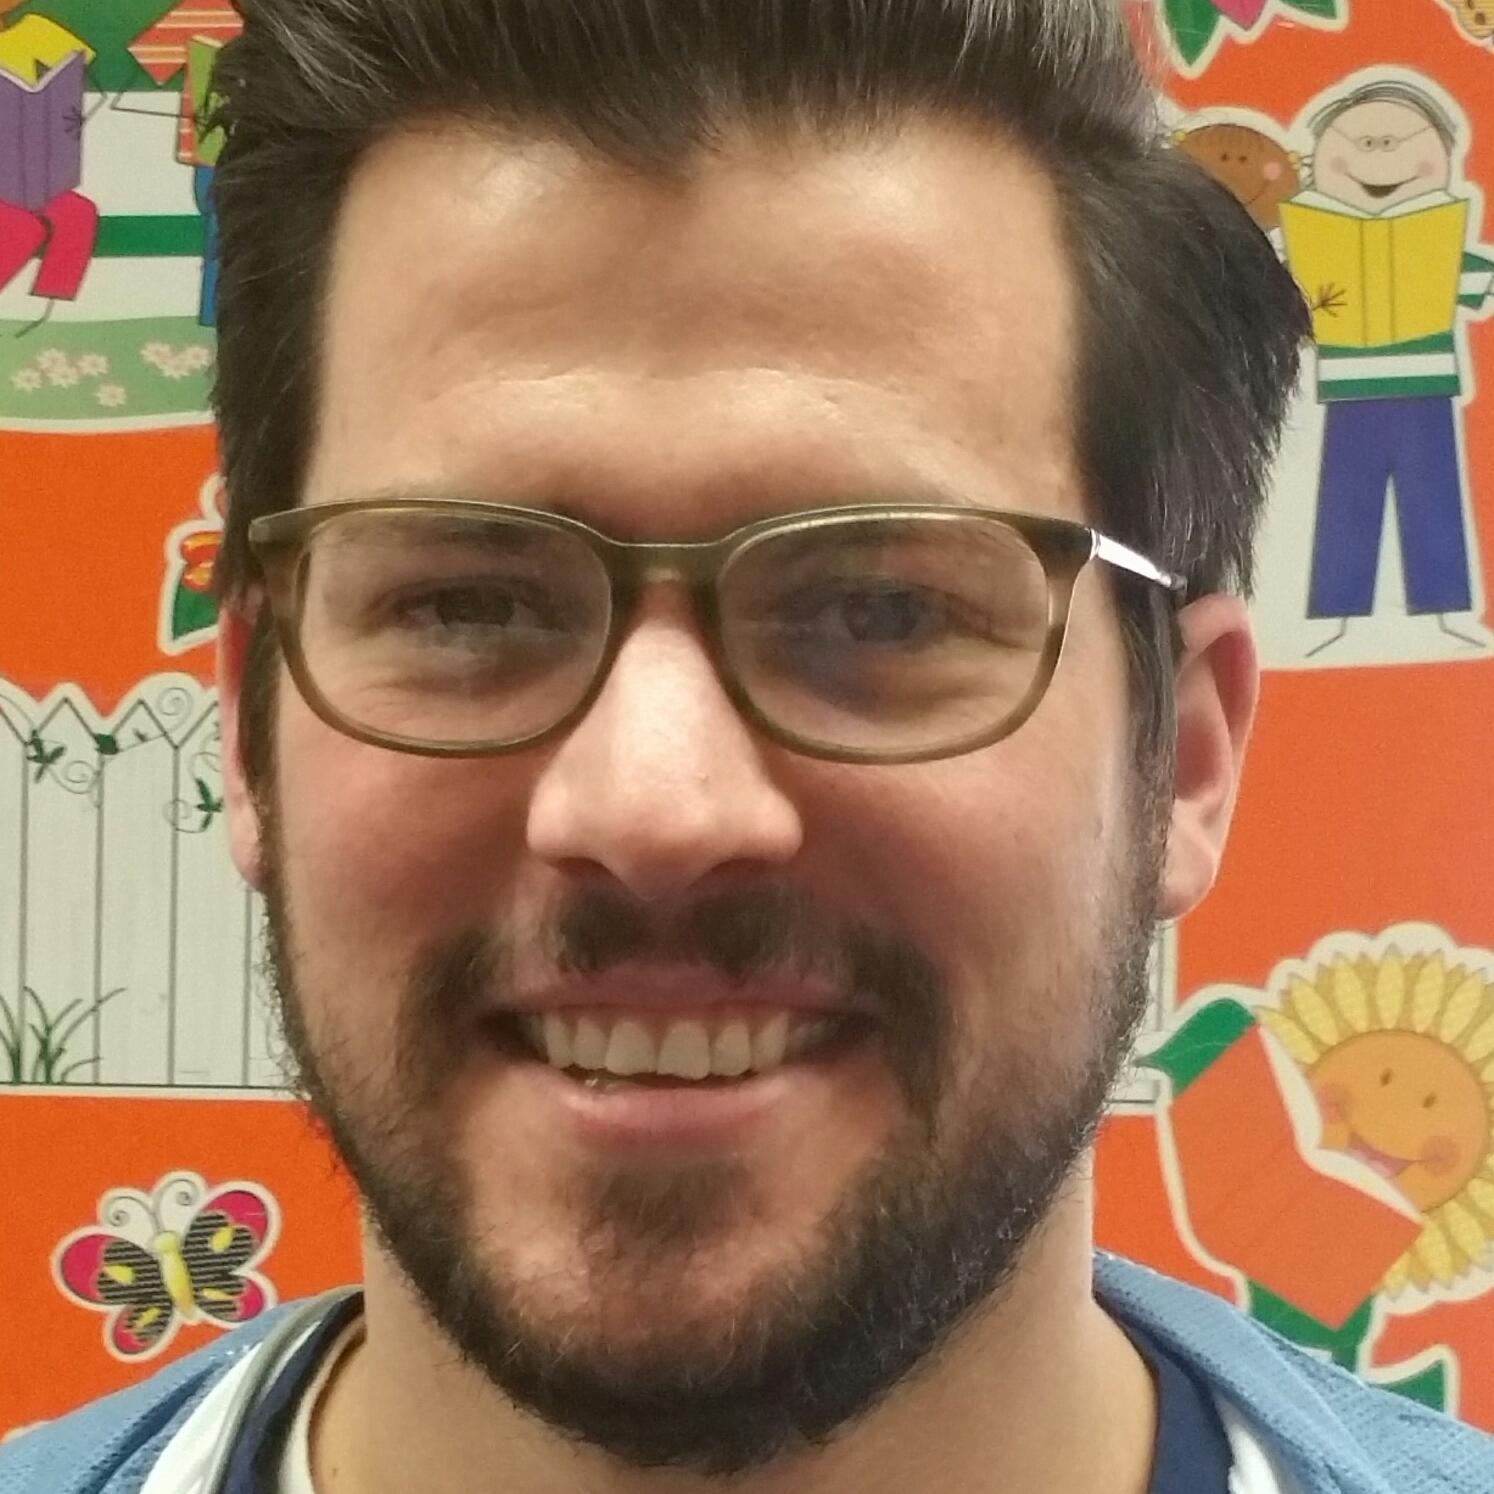 Dr. Alex Hutnik - Dentist